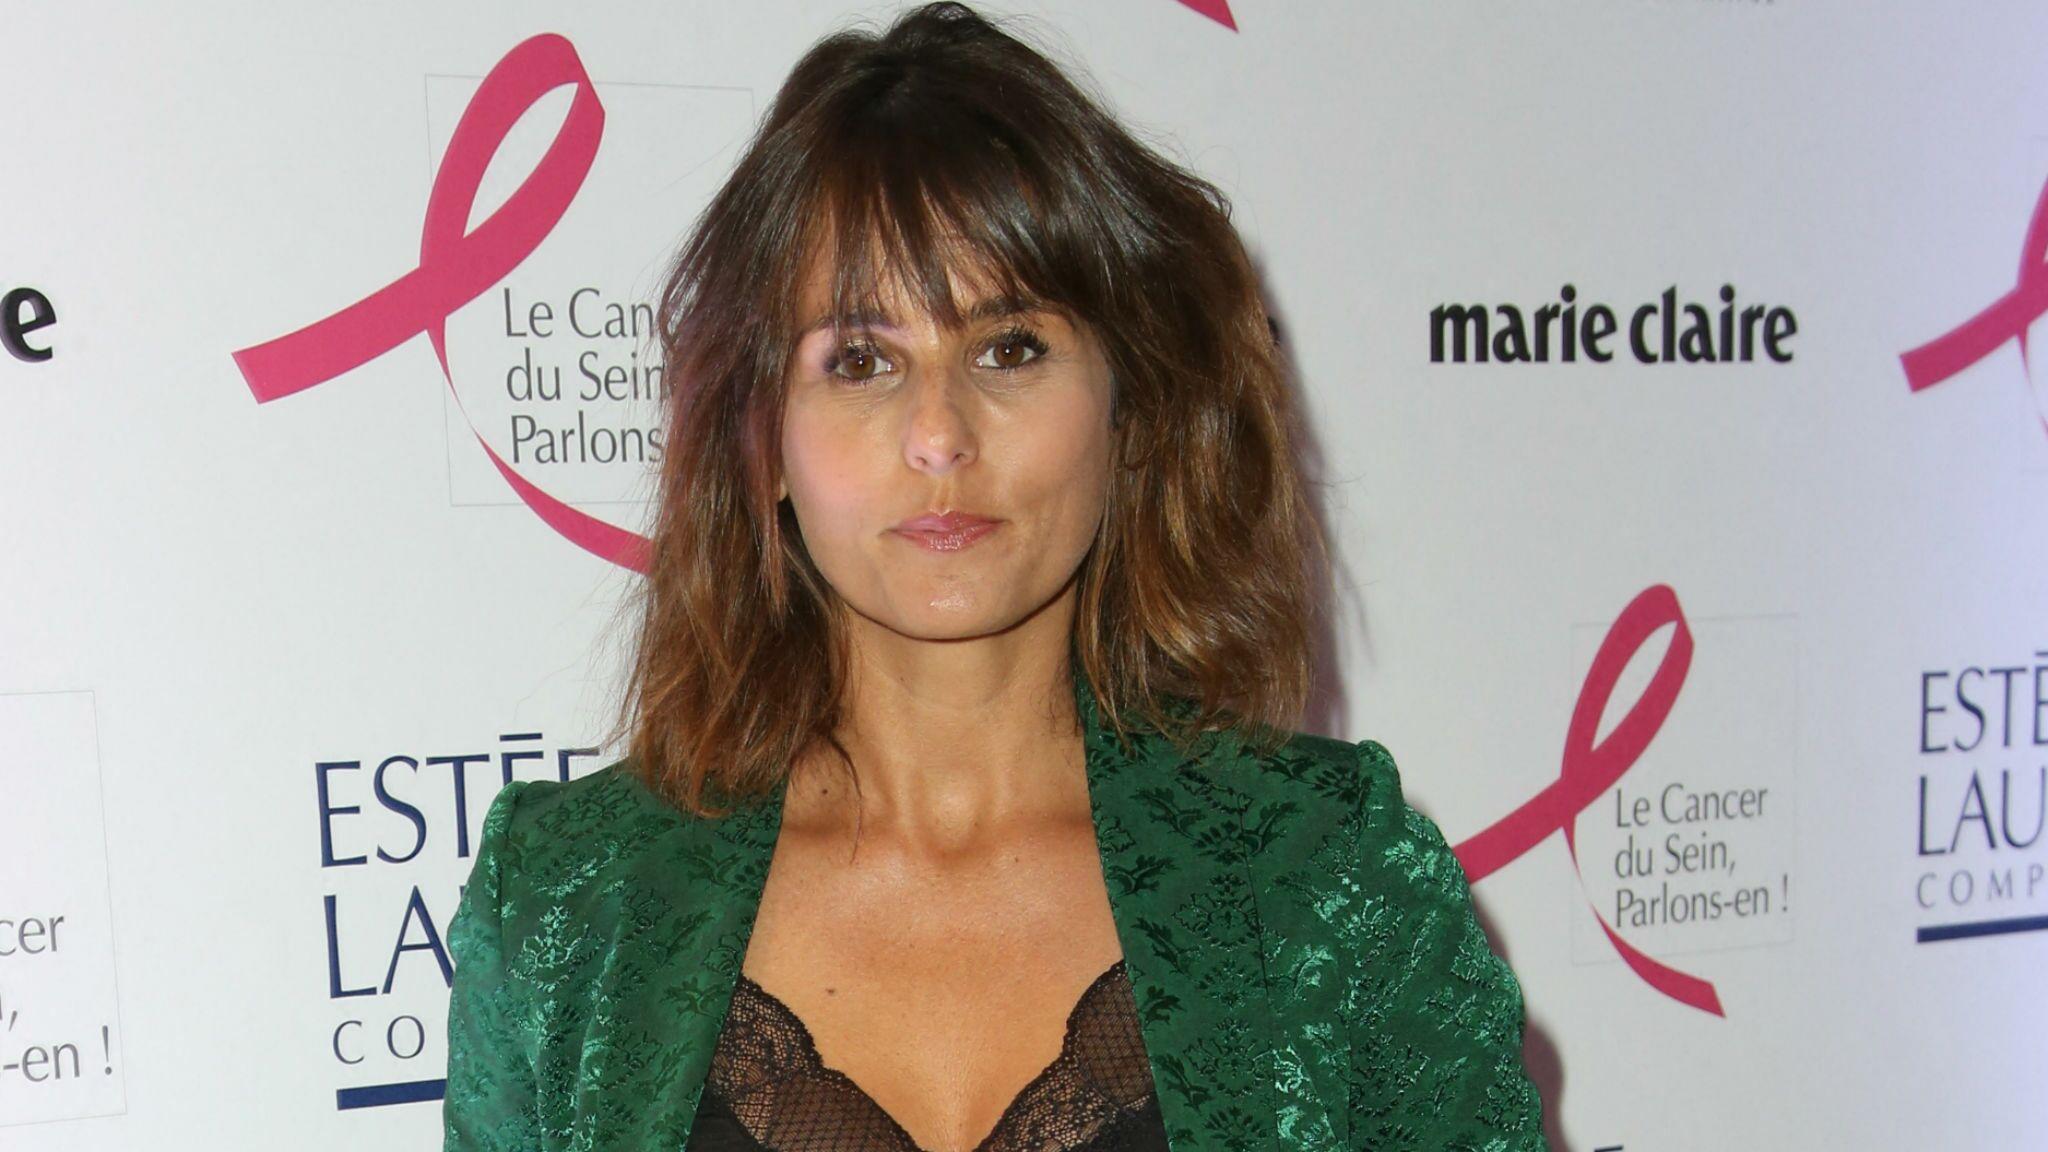 Faustine Bollaert victime de sexisme : ces messages qui scandalisent les internautes